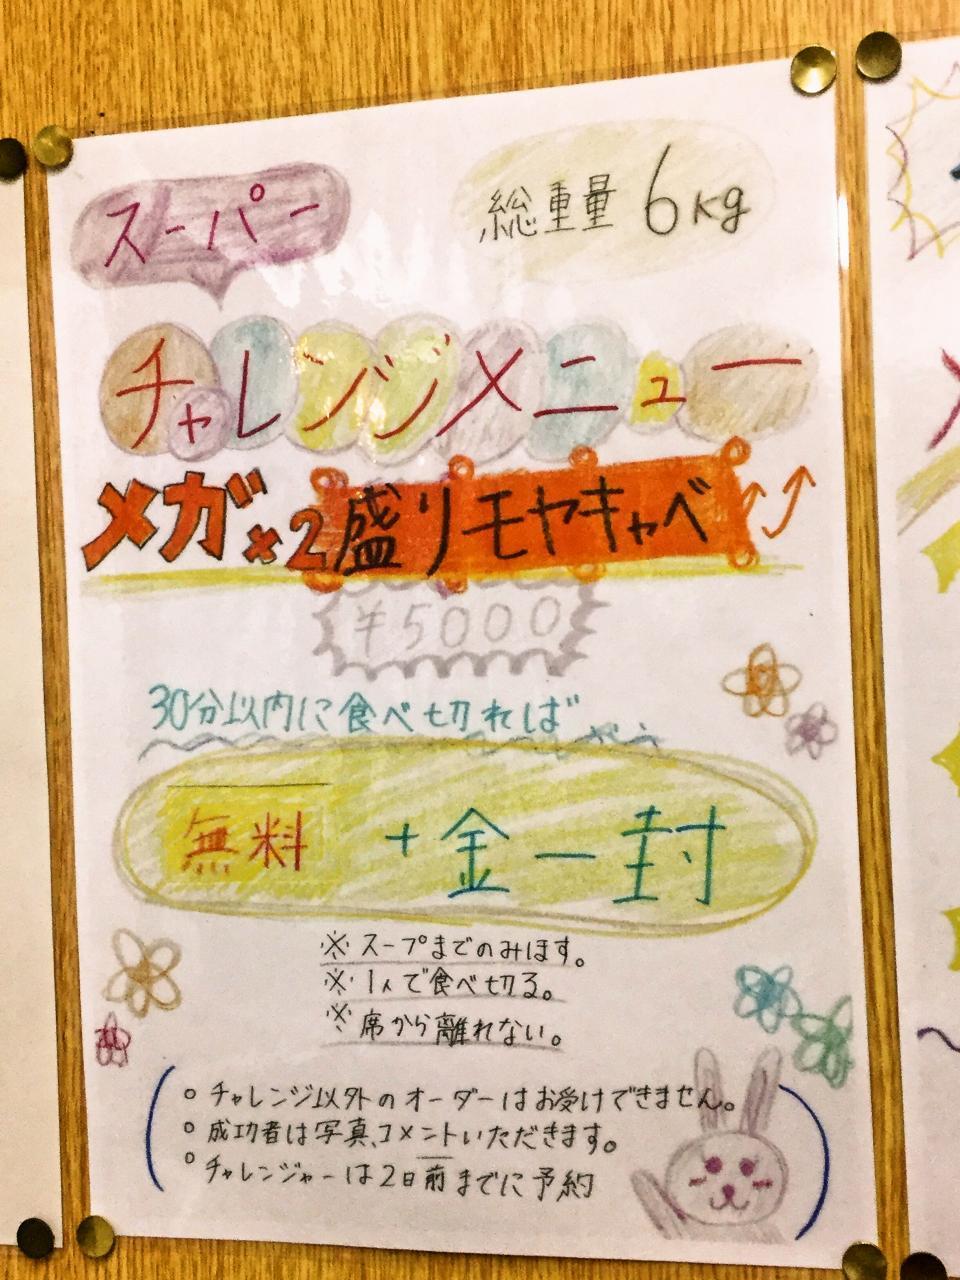 ラーメン三浦屋(チャレンジメニュー)